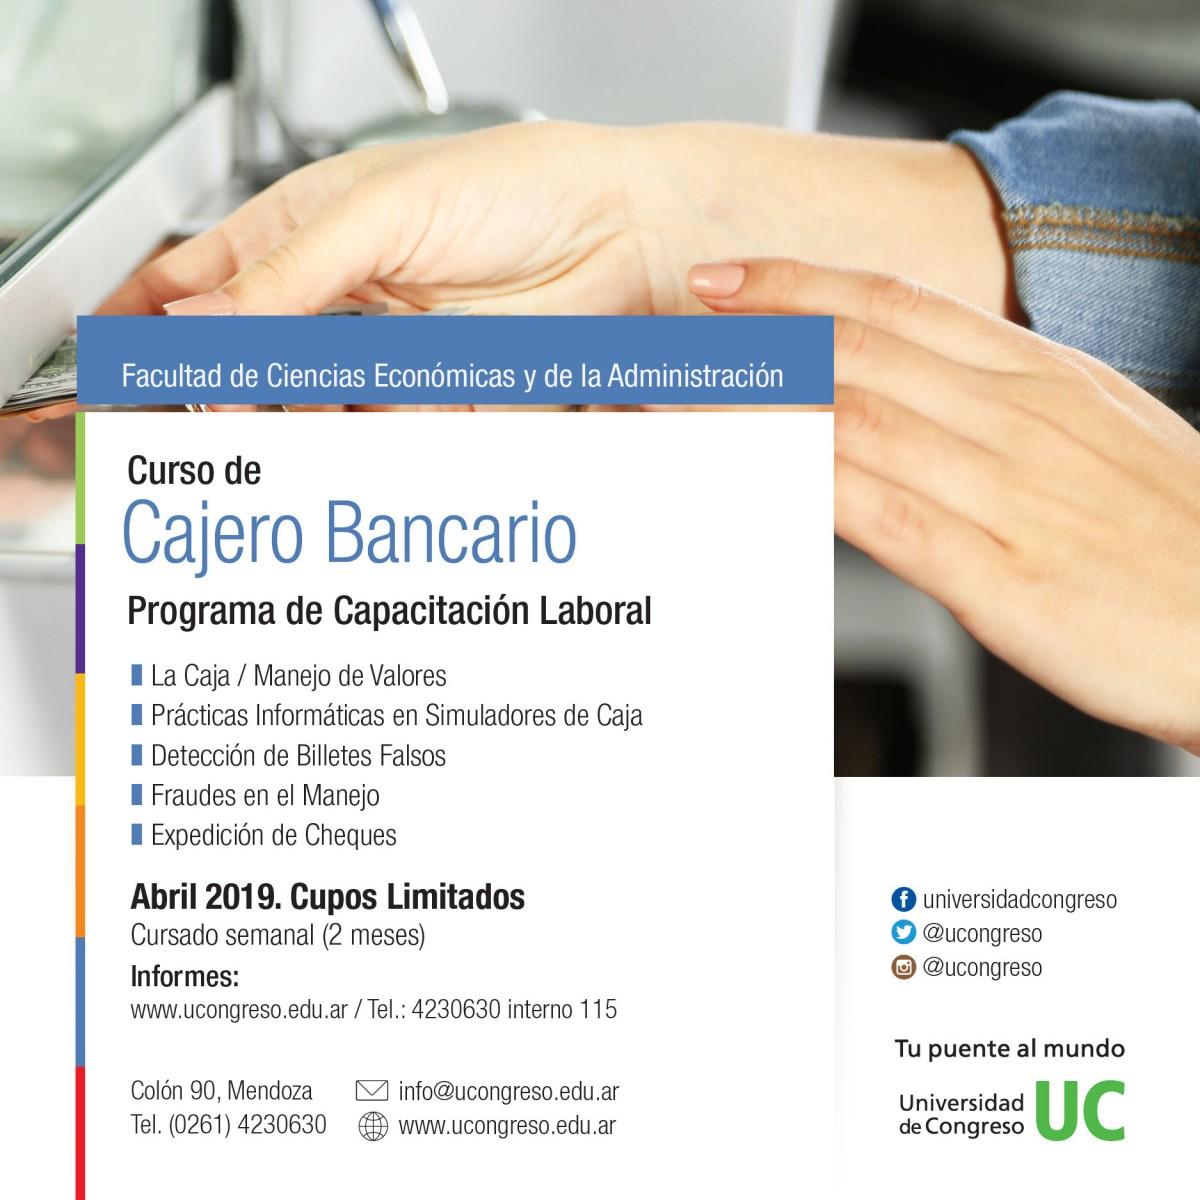 Flyer_Cajero_Bancario-01 (1)